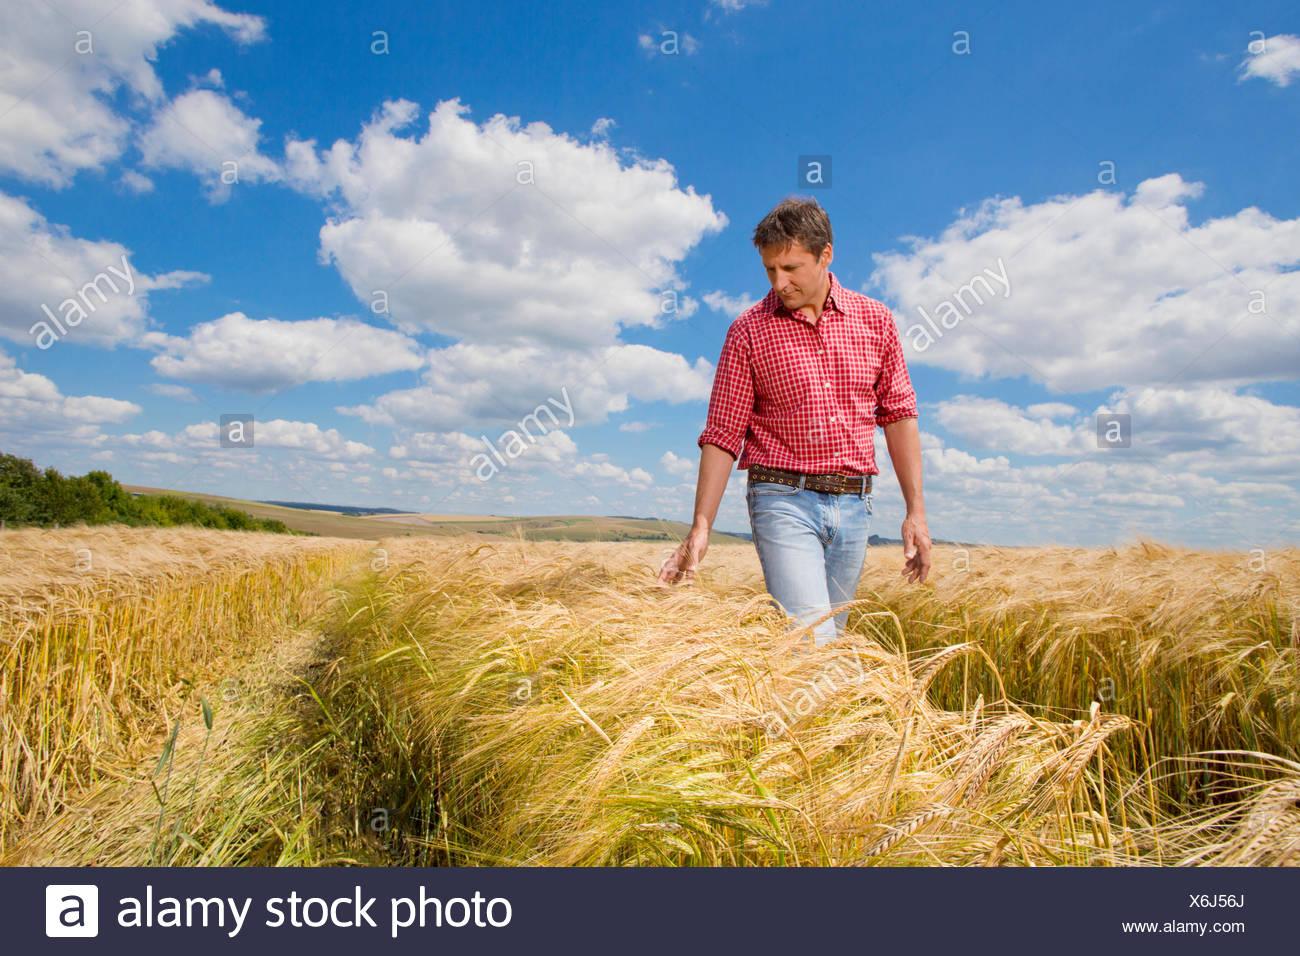 Landwirt Prüfung sonnigen ländlichen Gerstenfeld Ernte im Sommer Stockbild